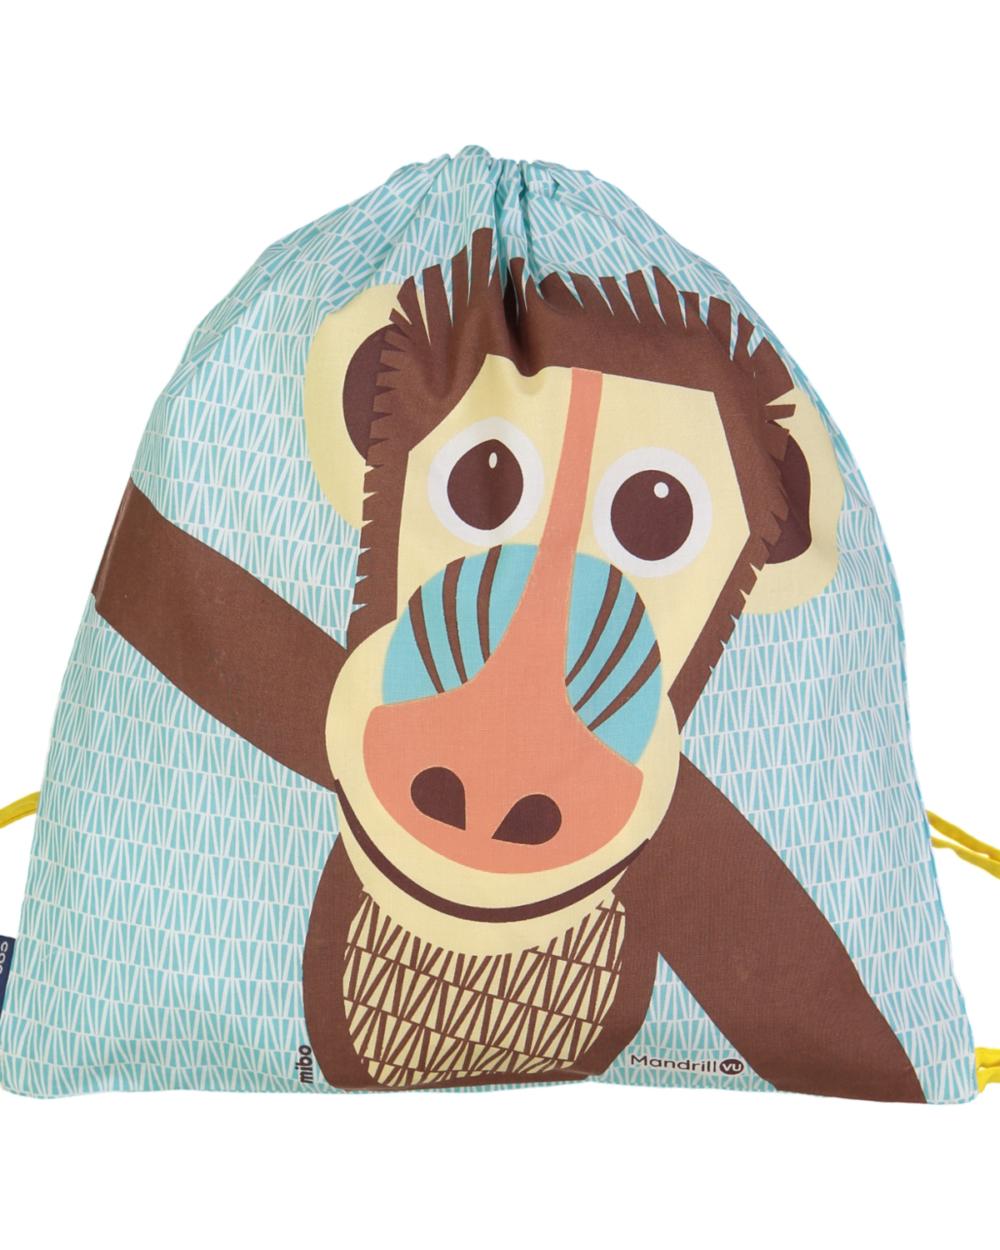 drawstring bag mandrill by coq en pate